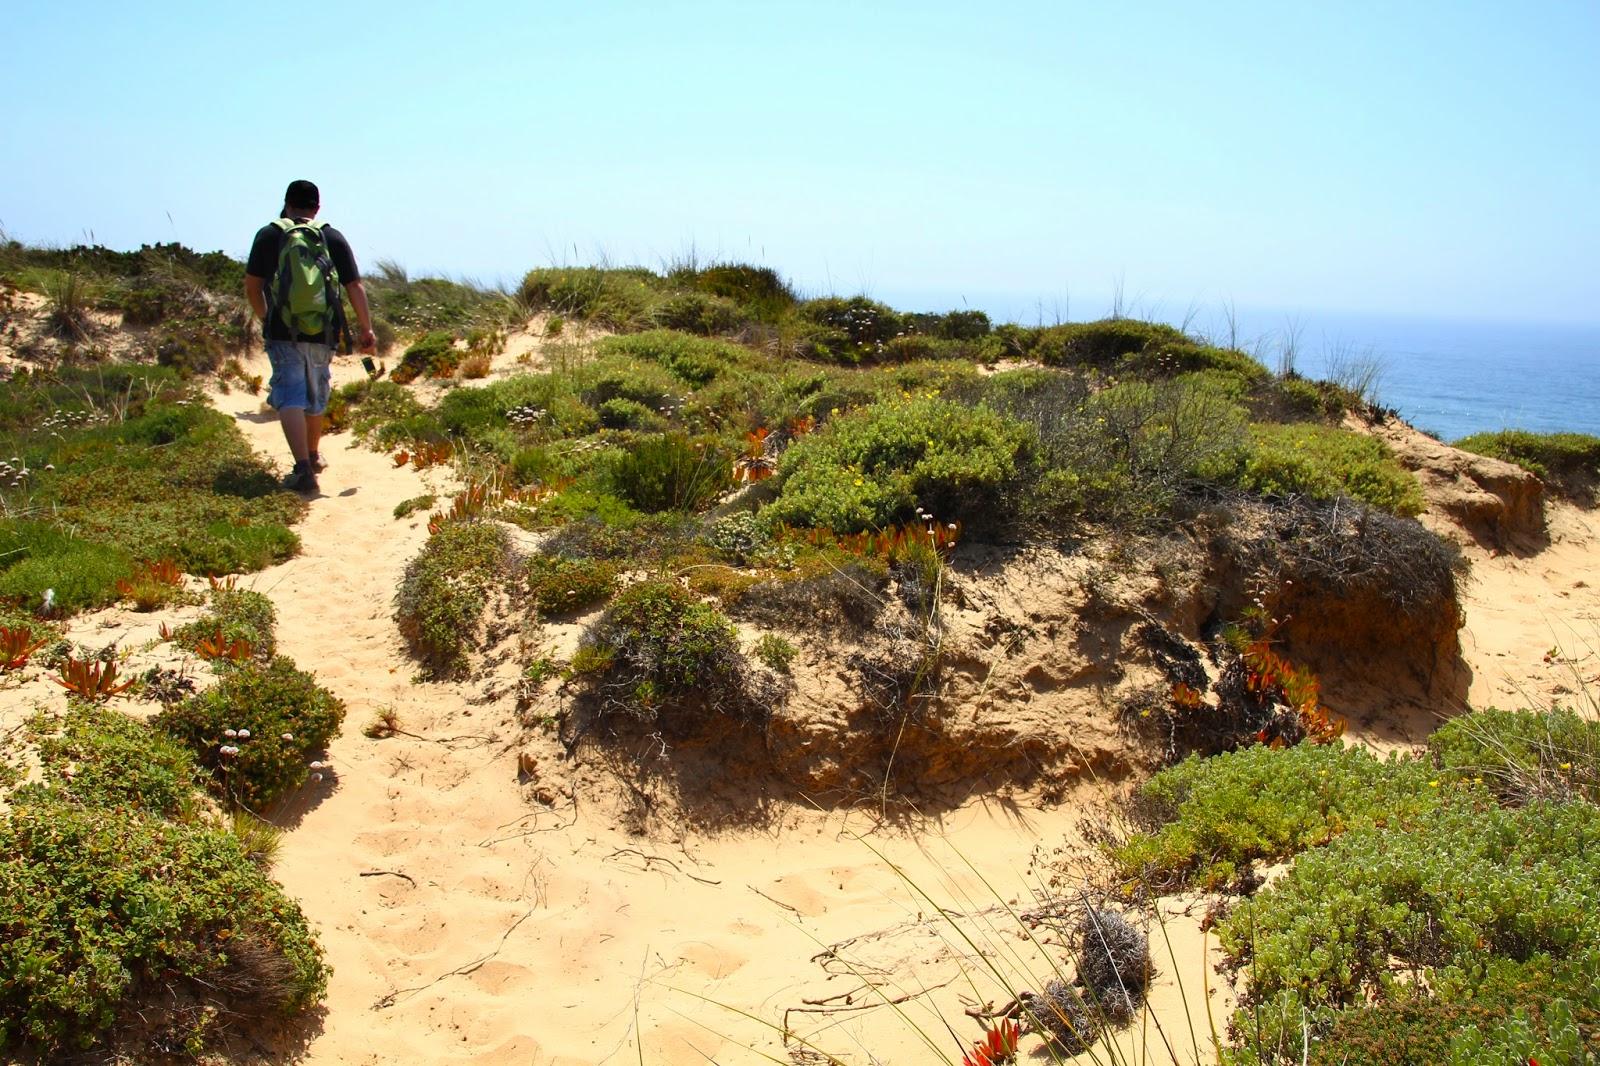 Na Rota Vicentina, o Trilho dos Pescadores entre a Zambujeira do Mar e Odeceixe | Portugal